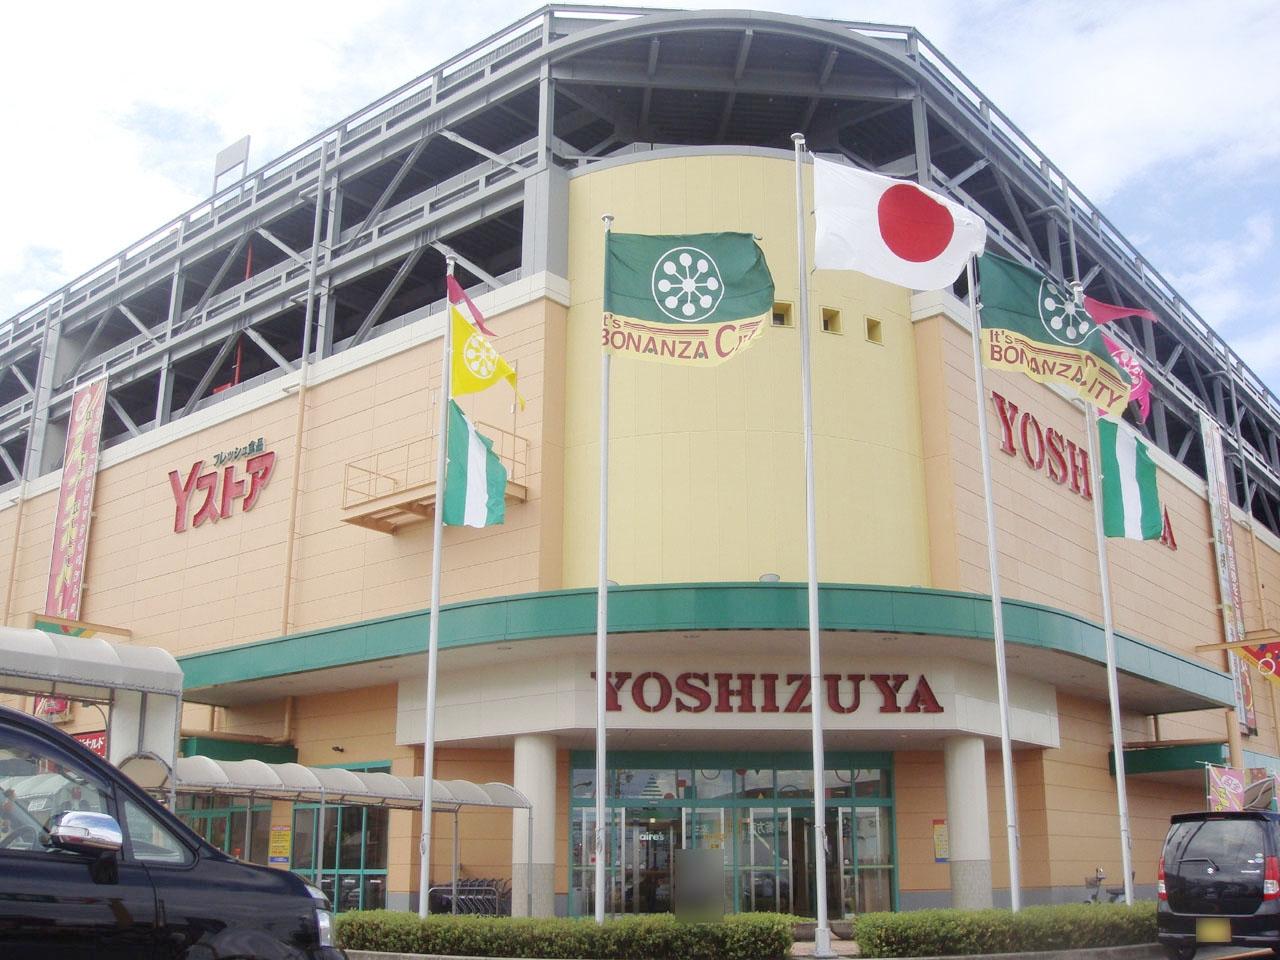 ヨシヅヤ 津島本店